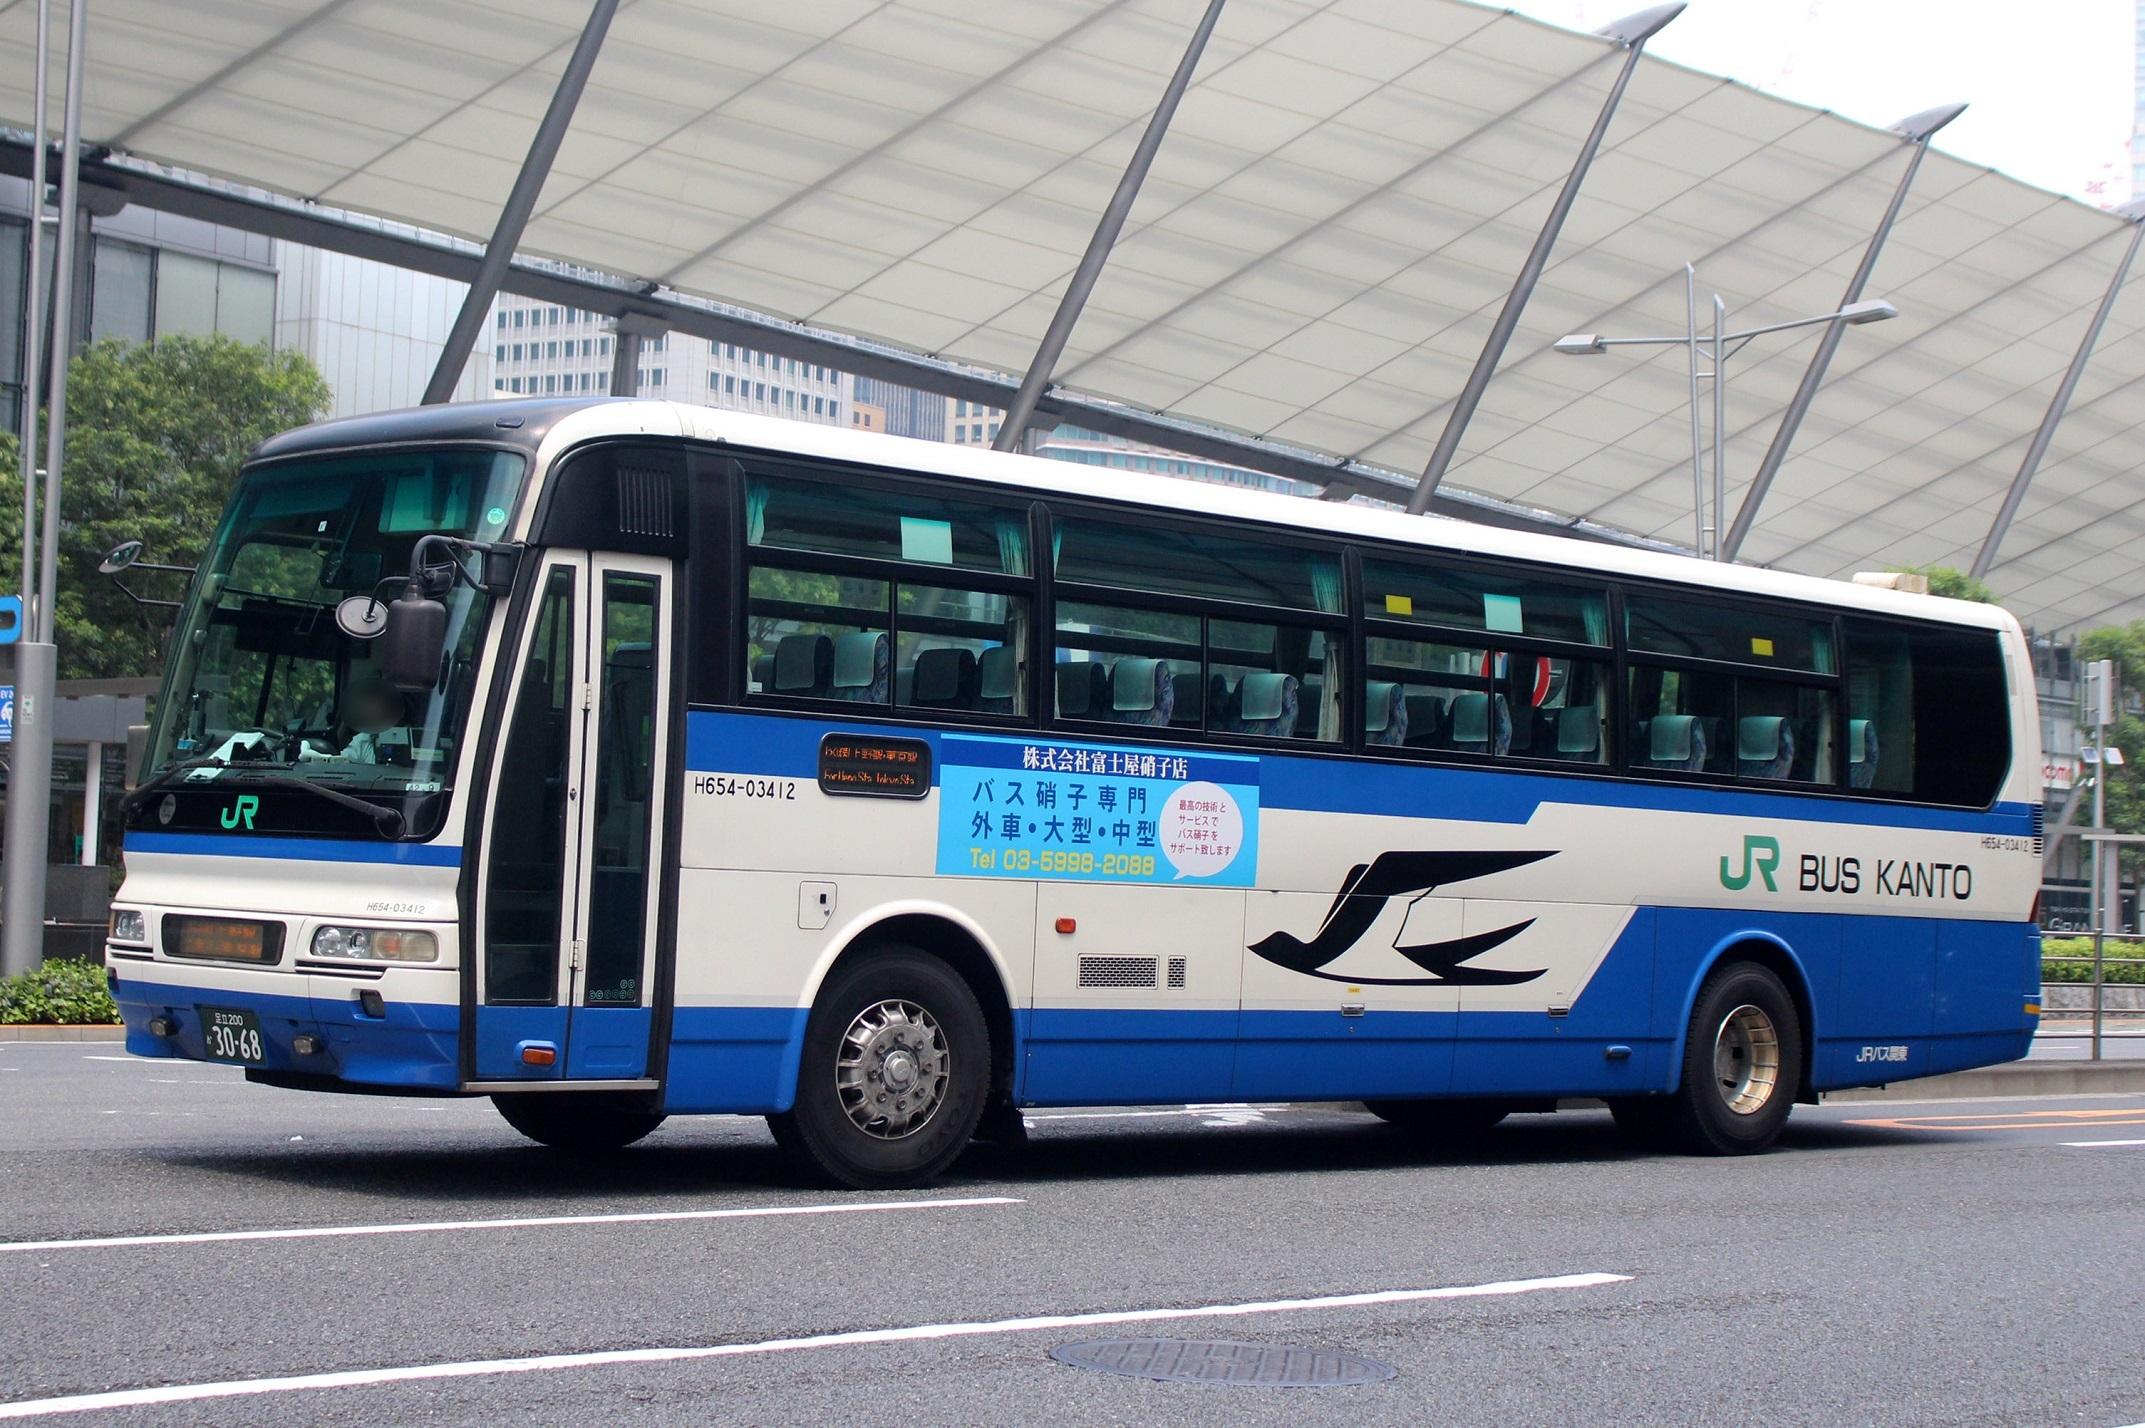 JRバス関東 H654-03412